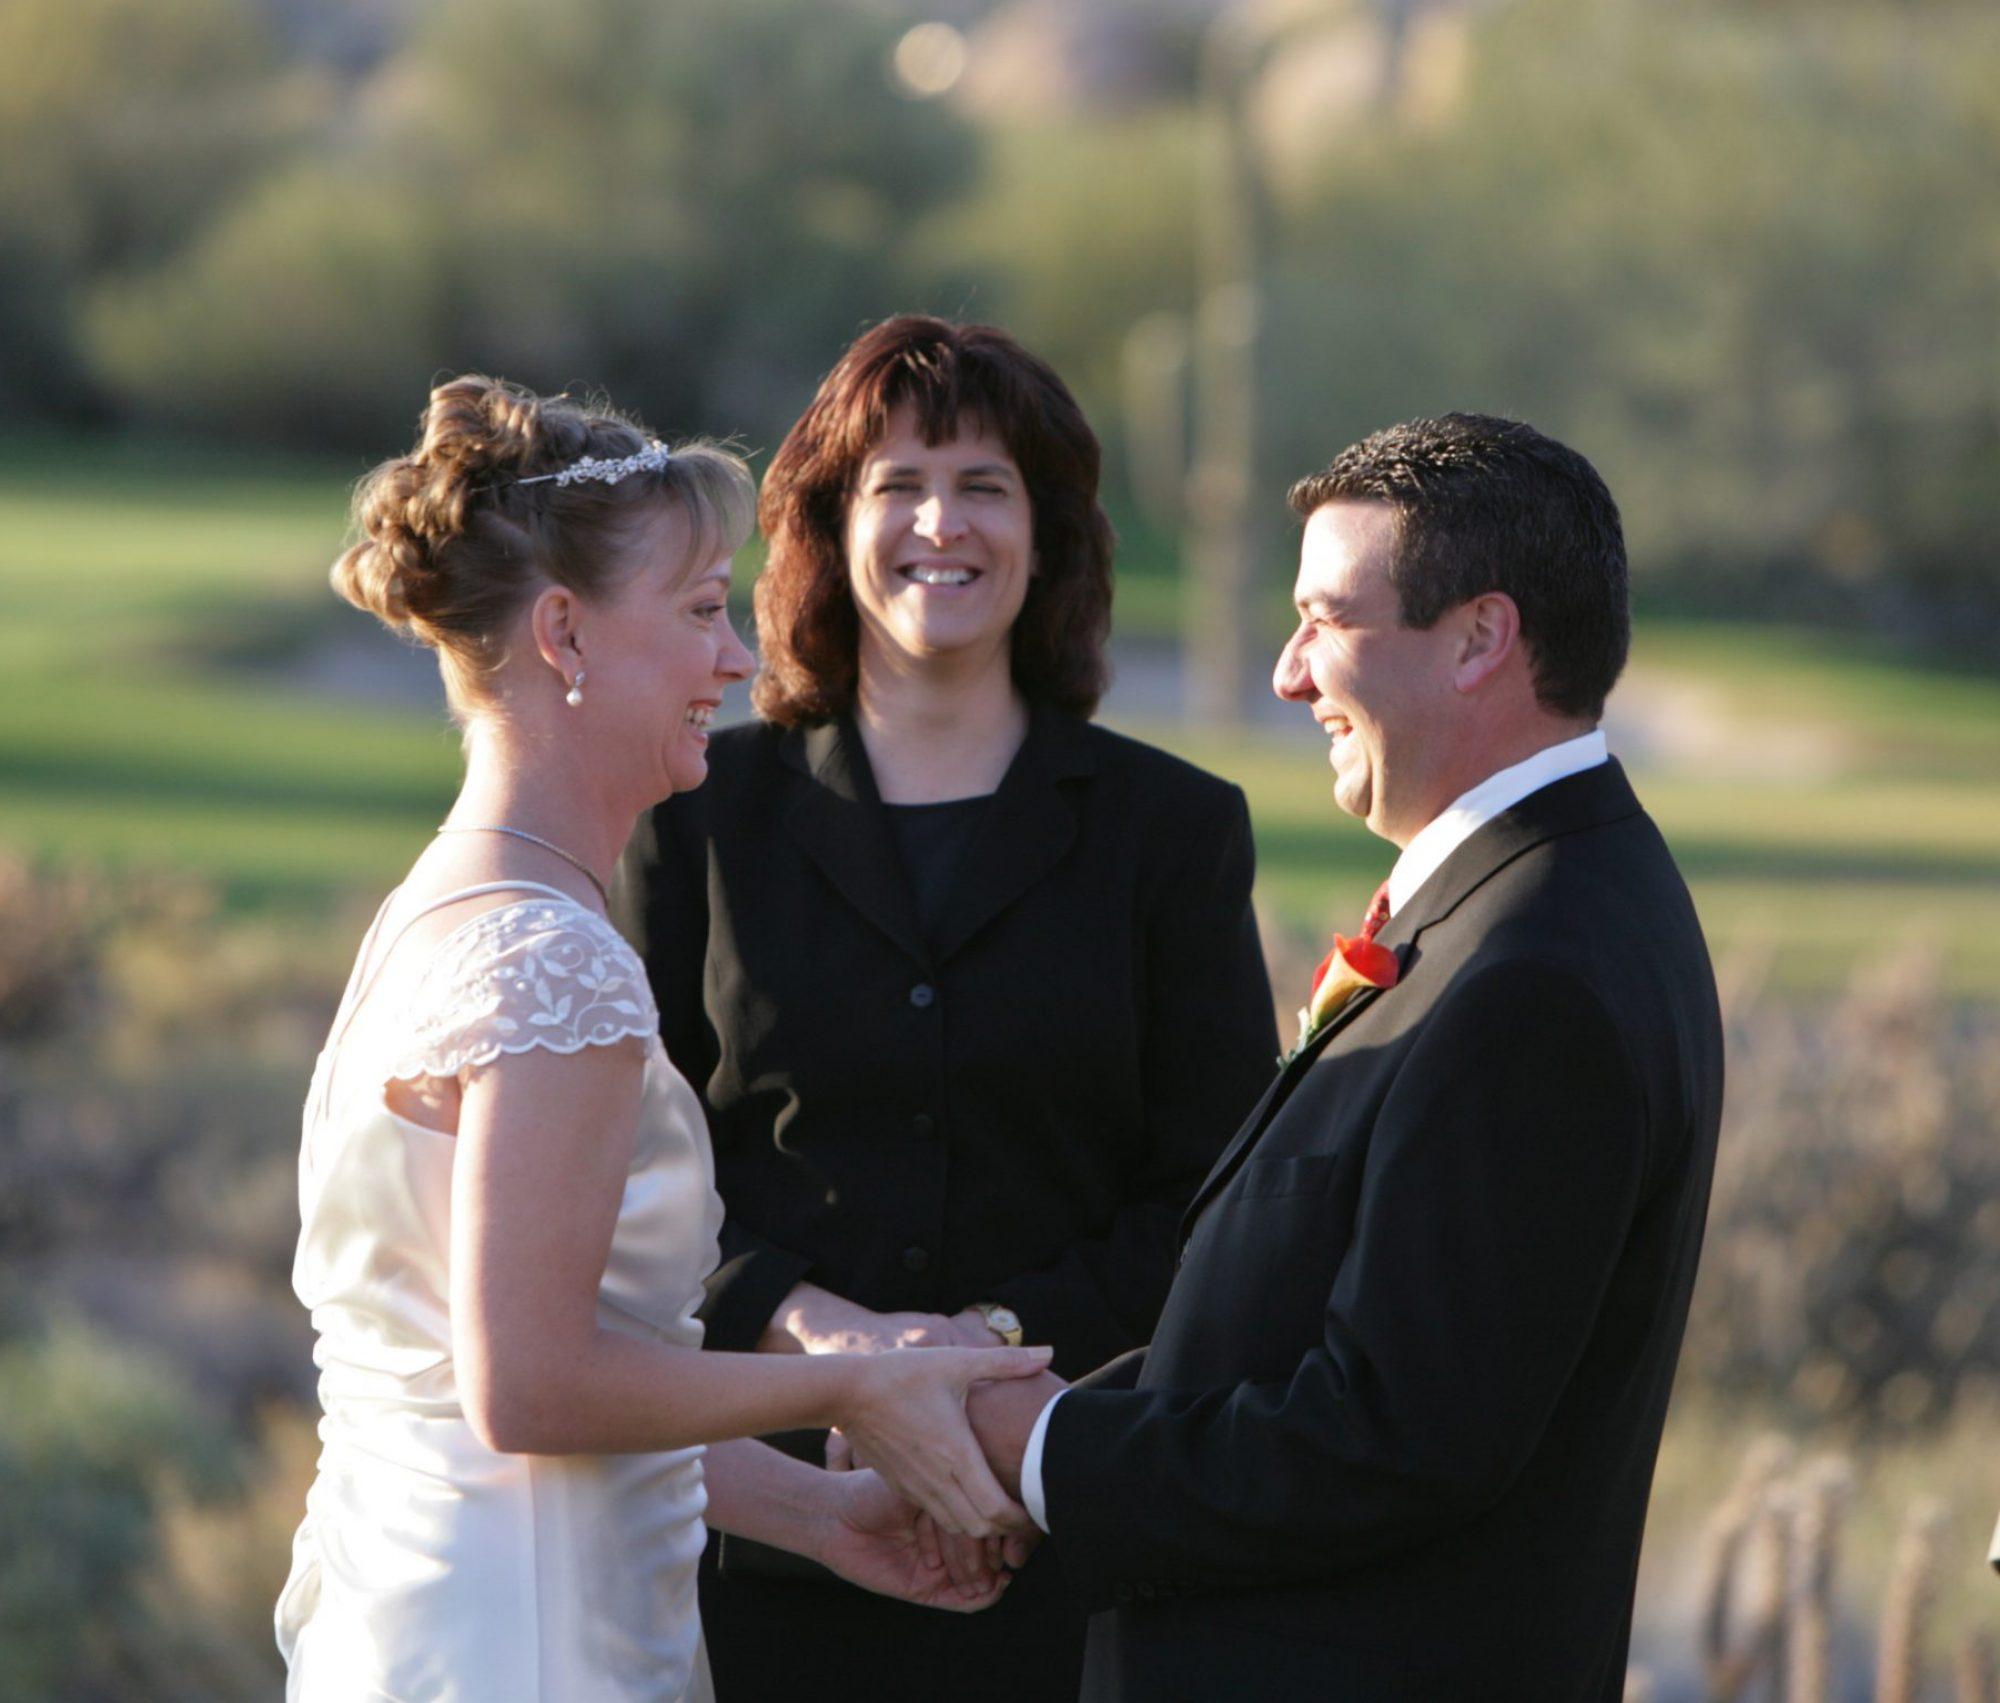 ARIZONA WEDDING OFFICIANTS